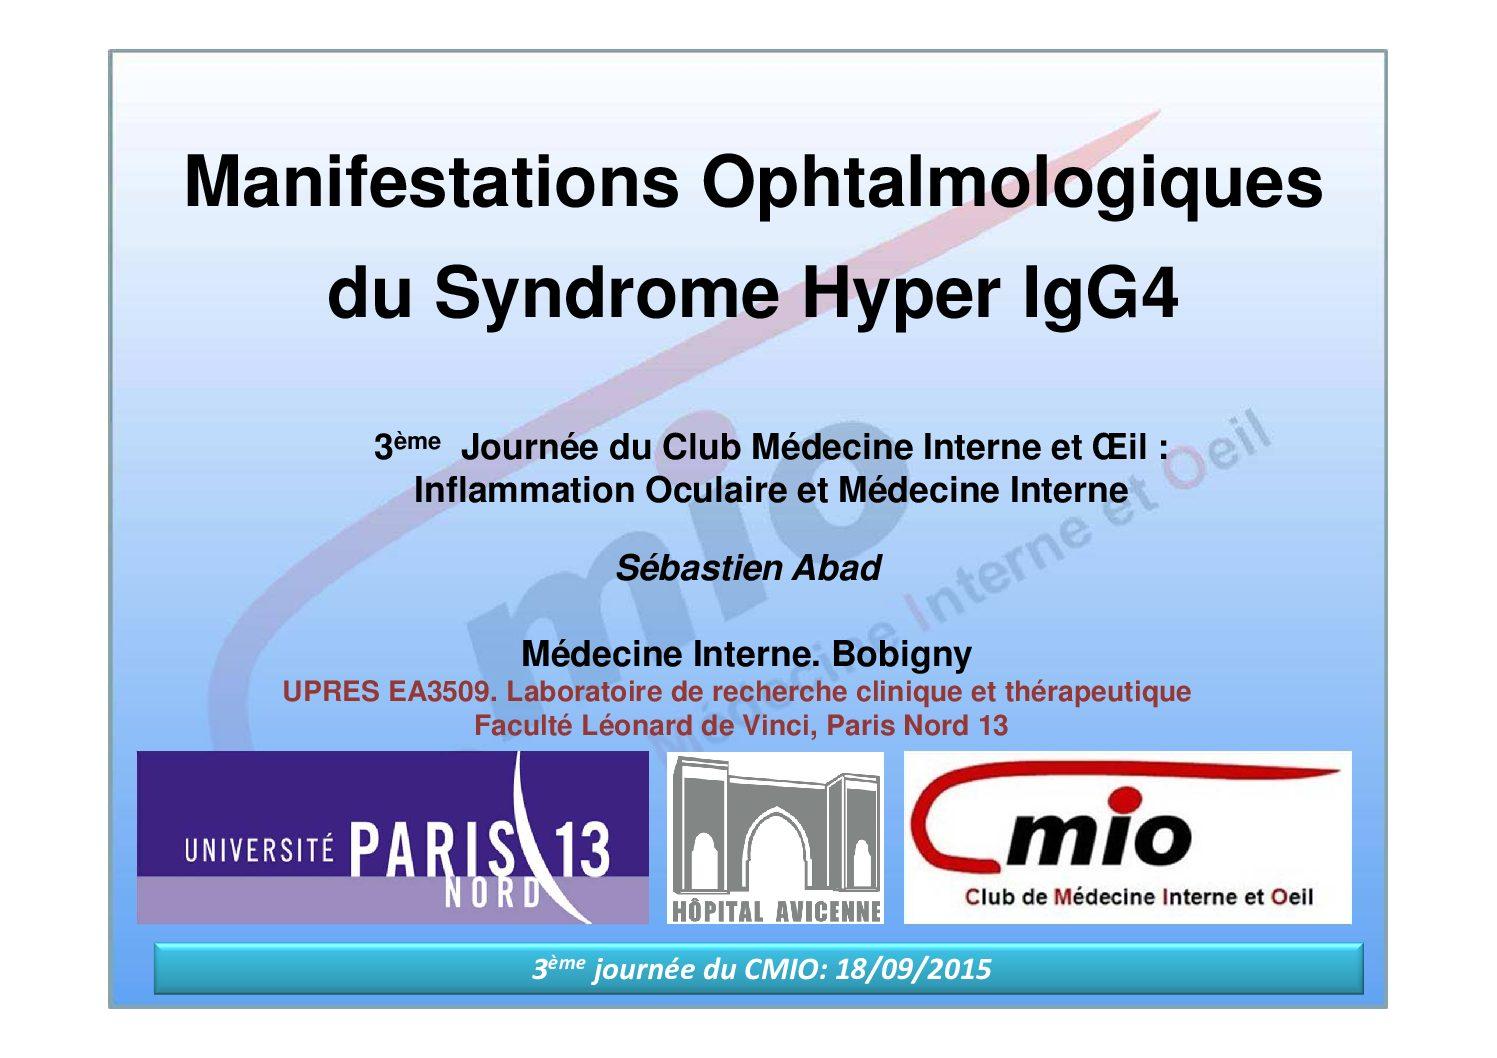 Manifestations ophtalmologiques du syndrome hyper IgG4